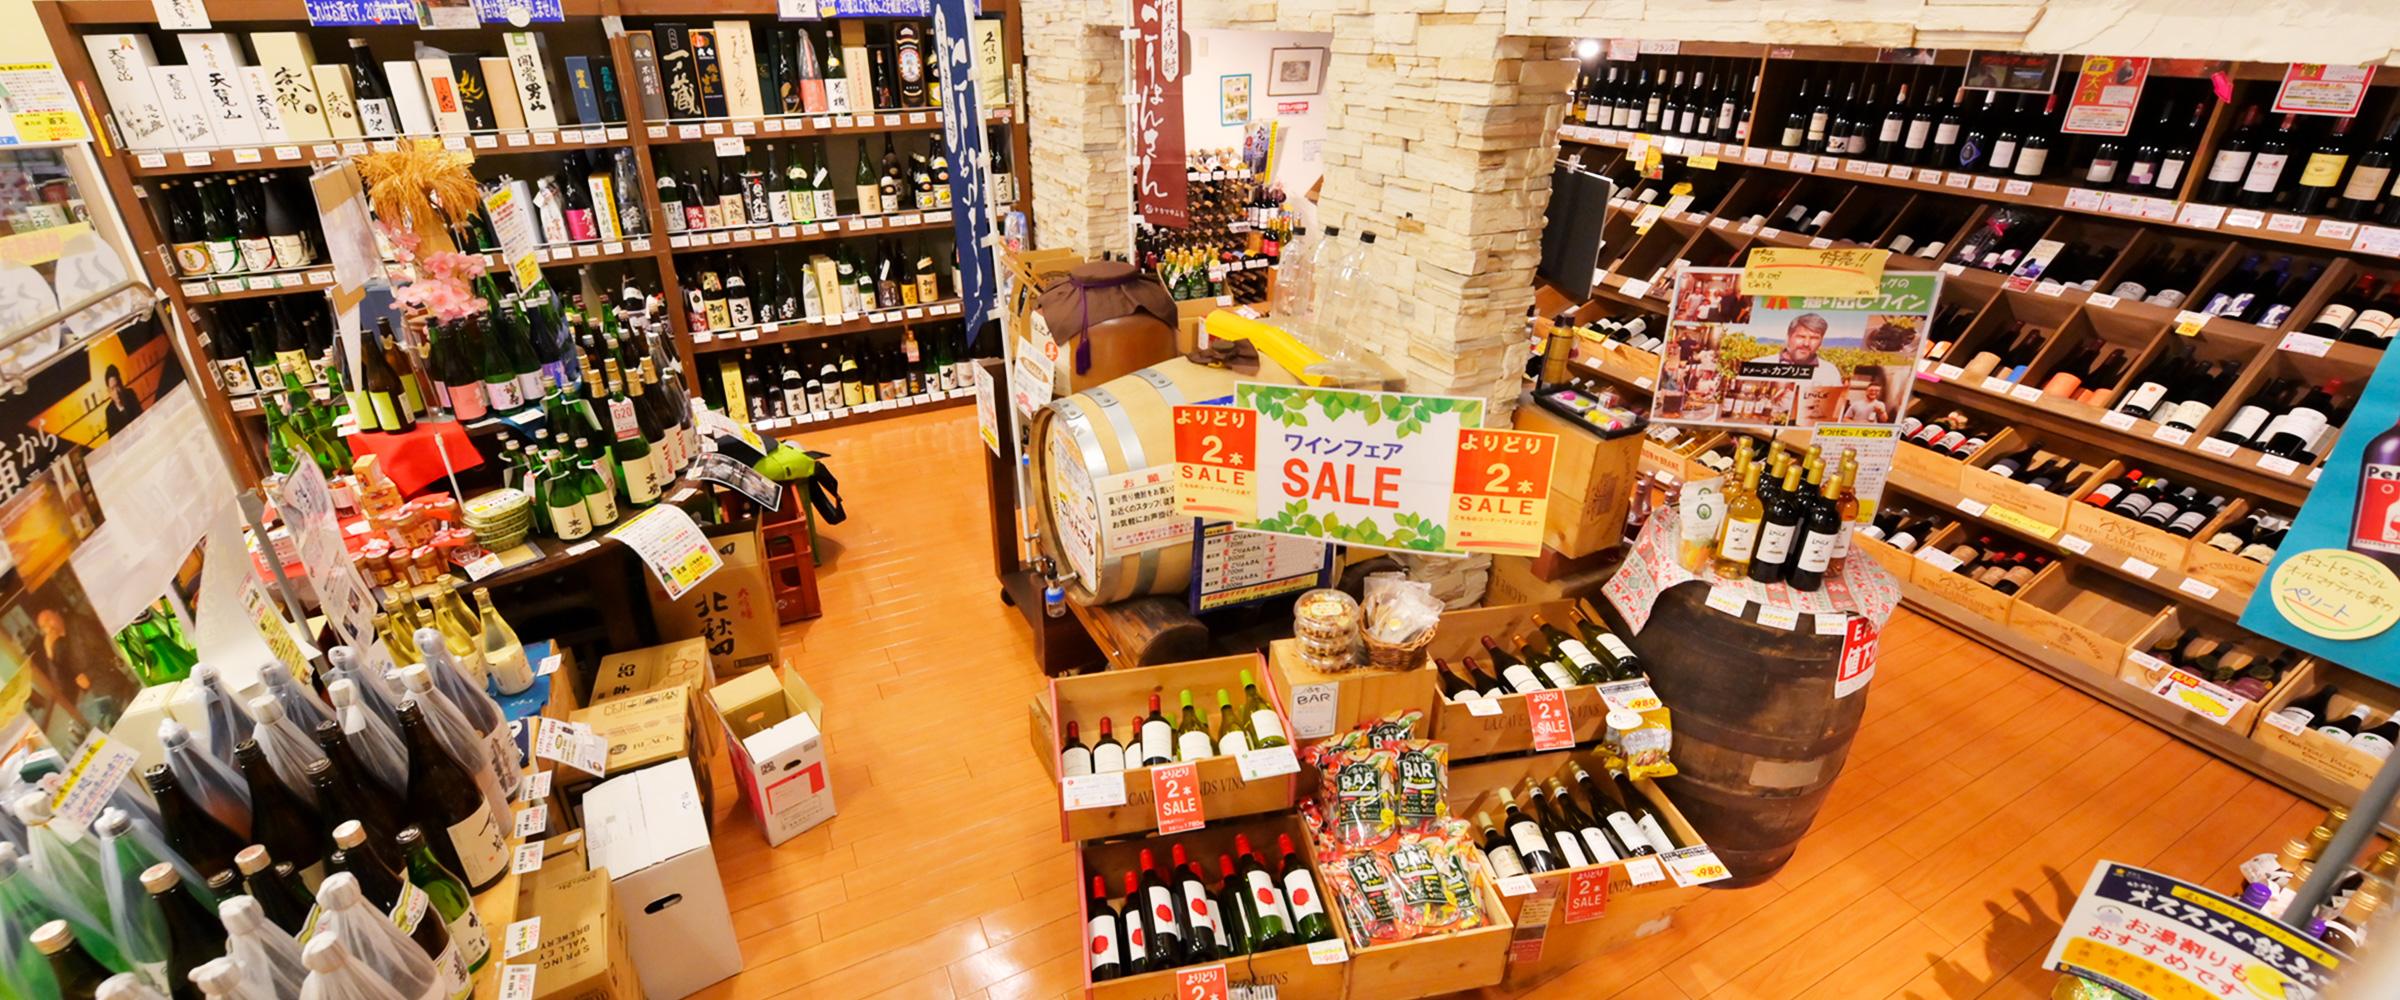 お酒の宅配・通販サイト 酒商増田屋ネット通販店では日本酒、焼酎、ワイン、クラフトビールなどをネット販売しています。